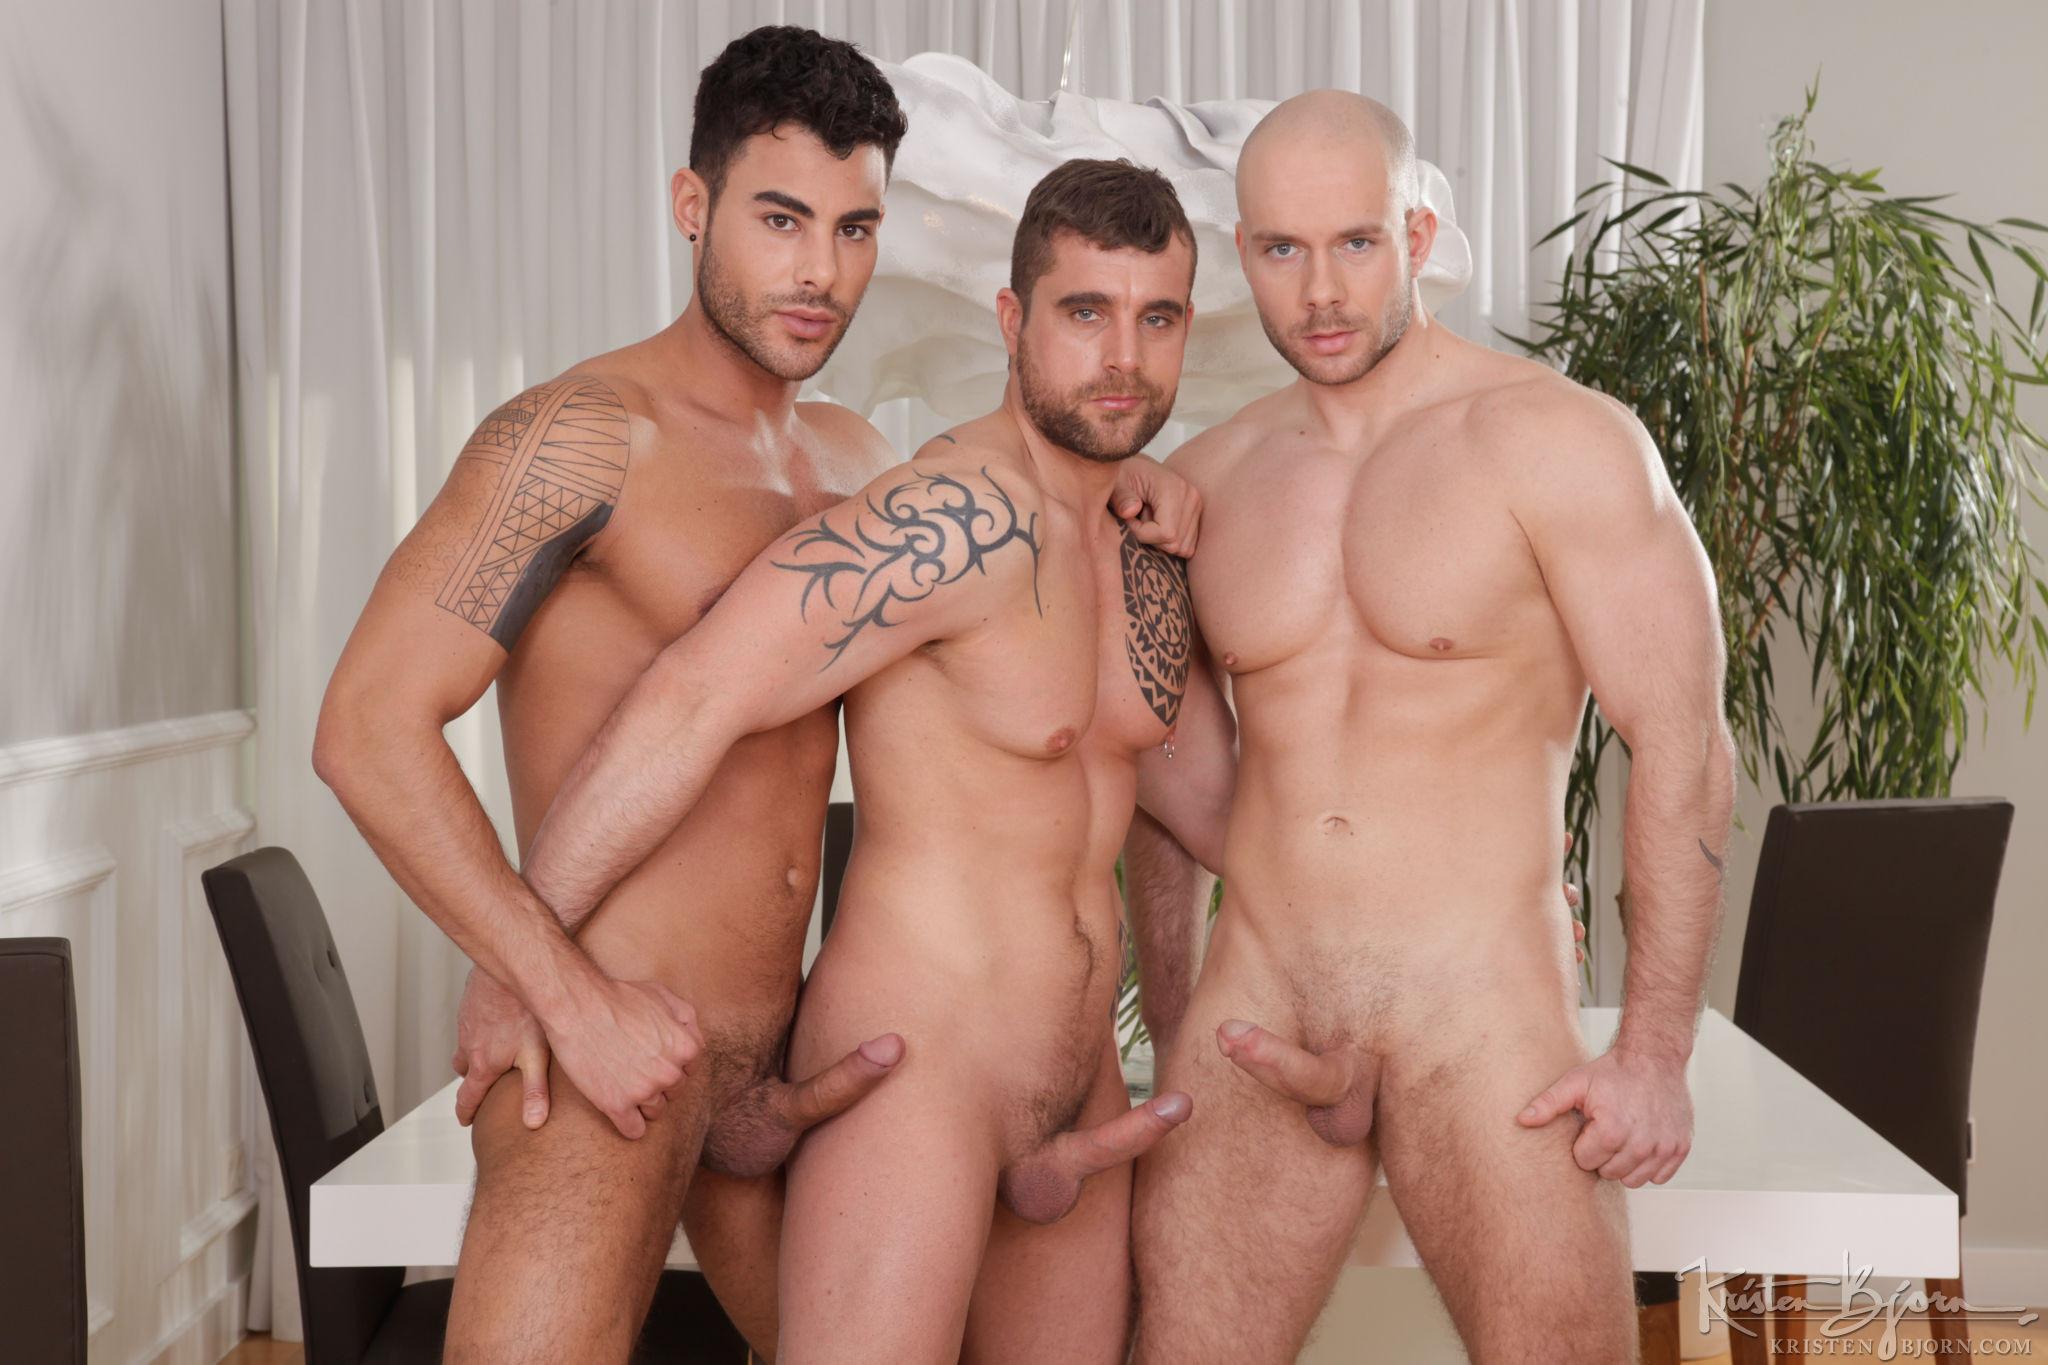 Skins: 3Some - Isaac Eliad, Jared, Marek Borek - Gallery